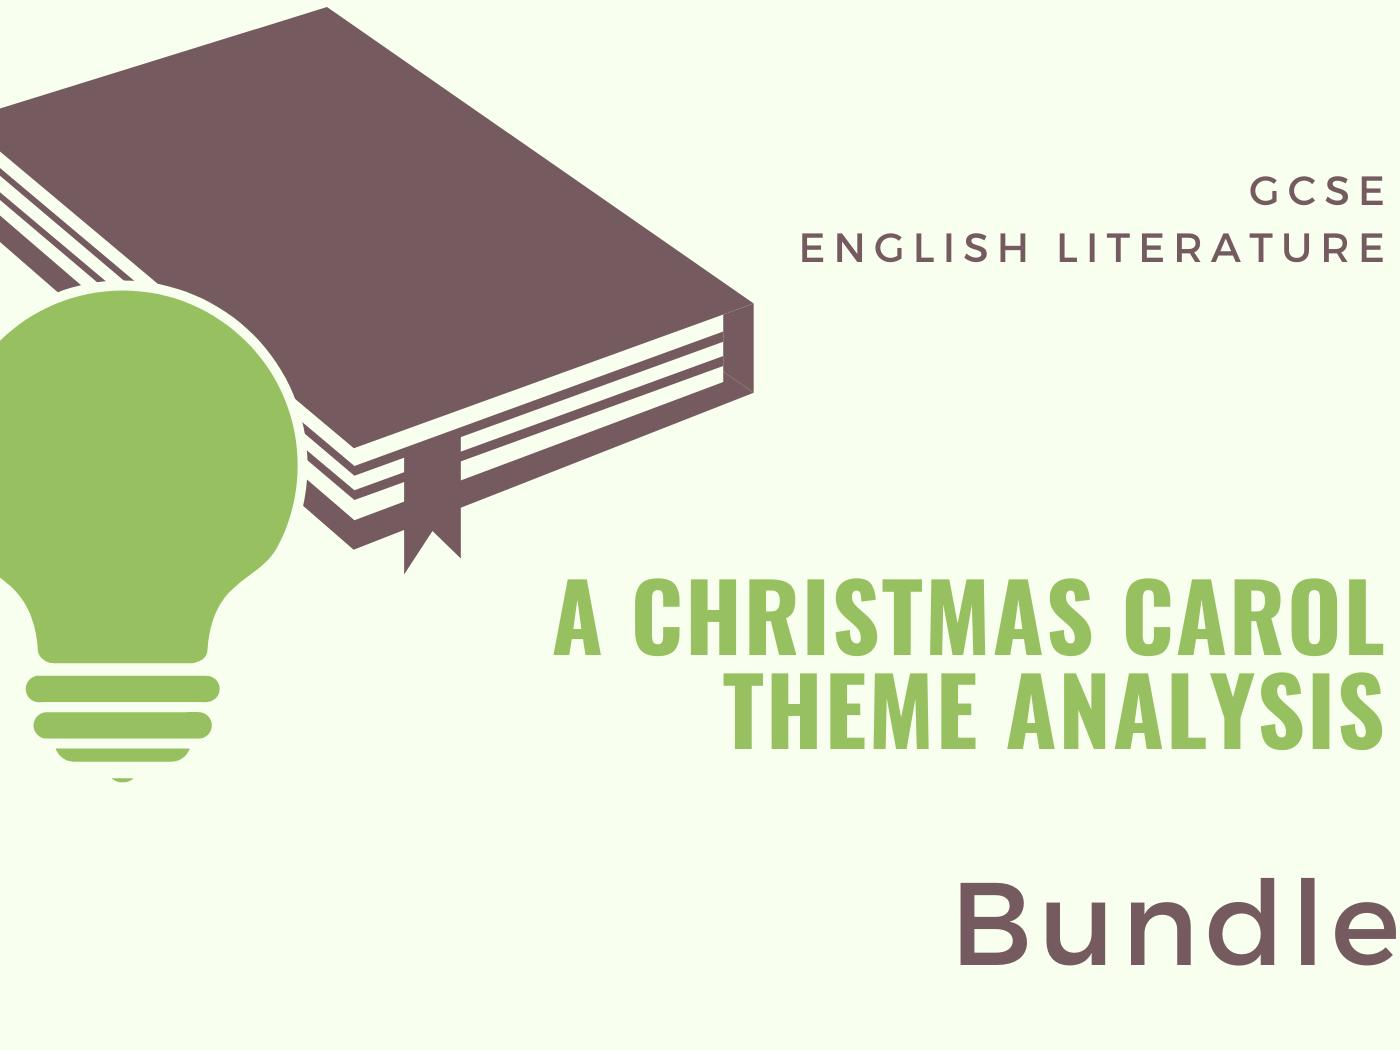 A Christmas Carol: Theme Analysis